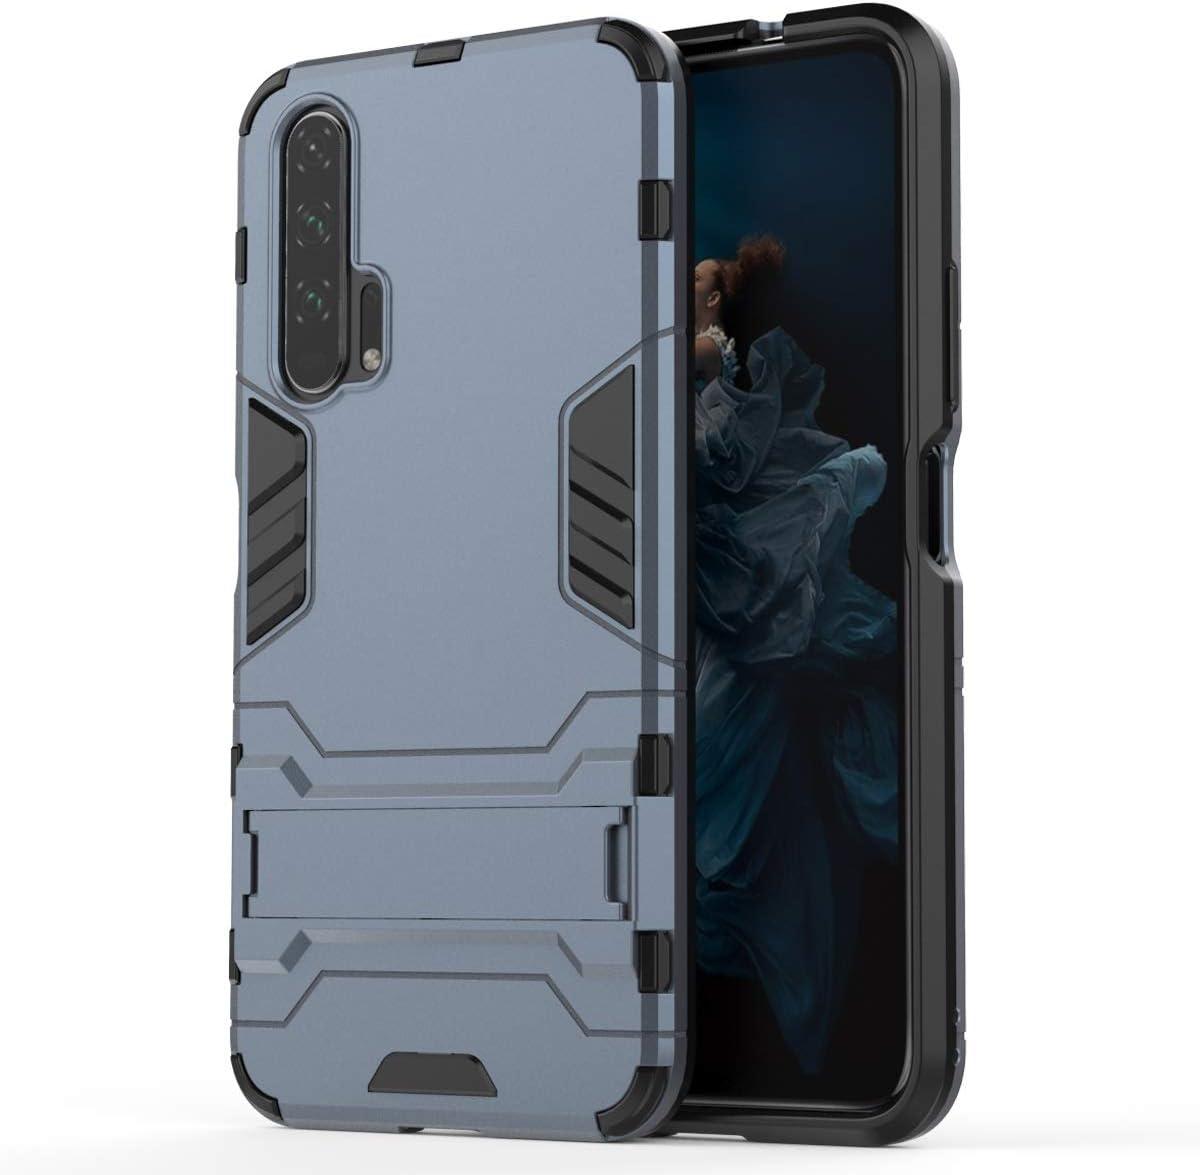 Funda estanca para teléfono móvil Resistencia a los terremotos a Prueba de Golpes de PC + TPU for Huawei Honor Pro 20, con el Titular (Negro) (Color : Navy Blue): Amazon.es: Electrónica